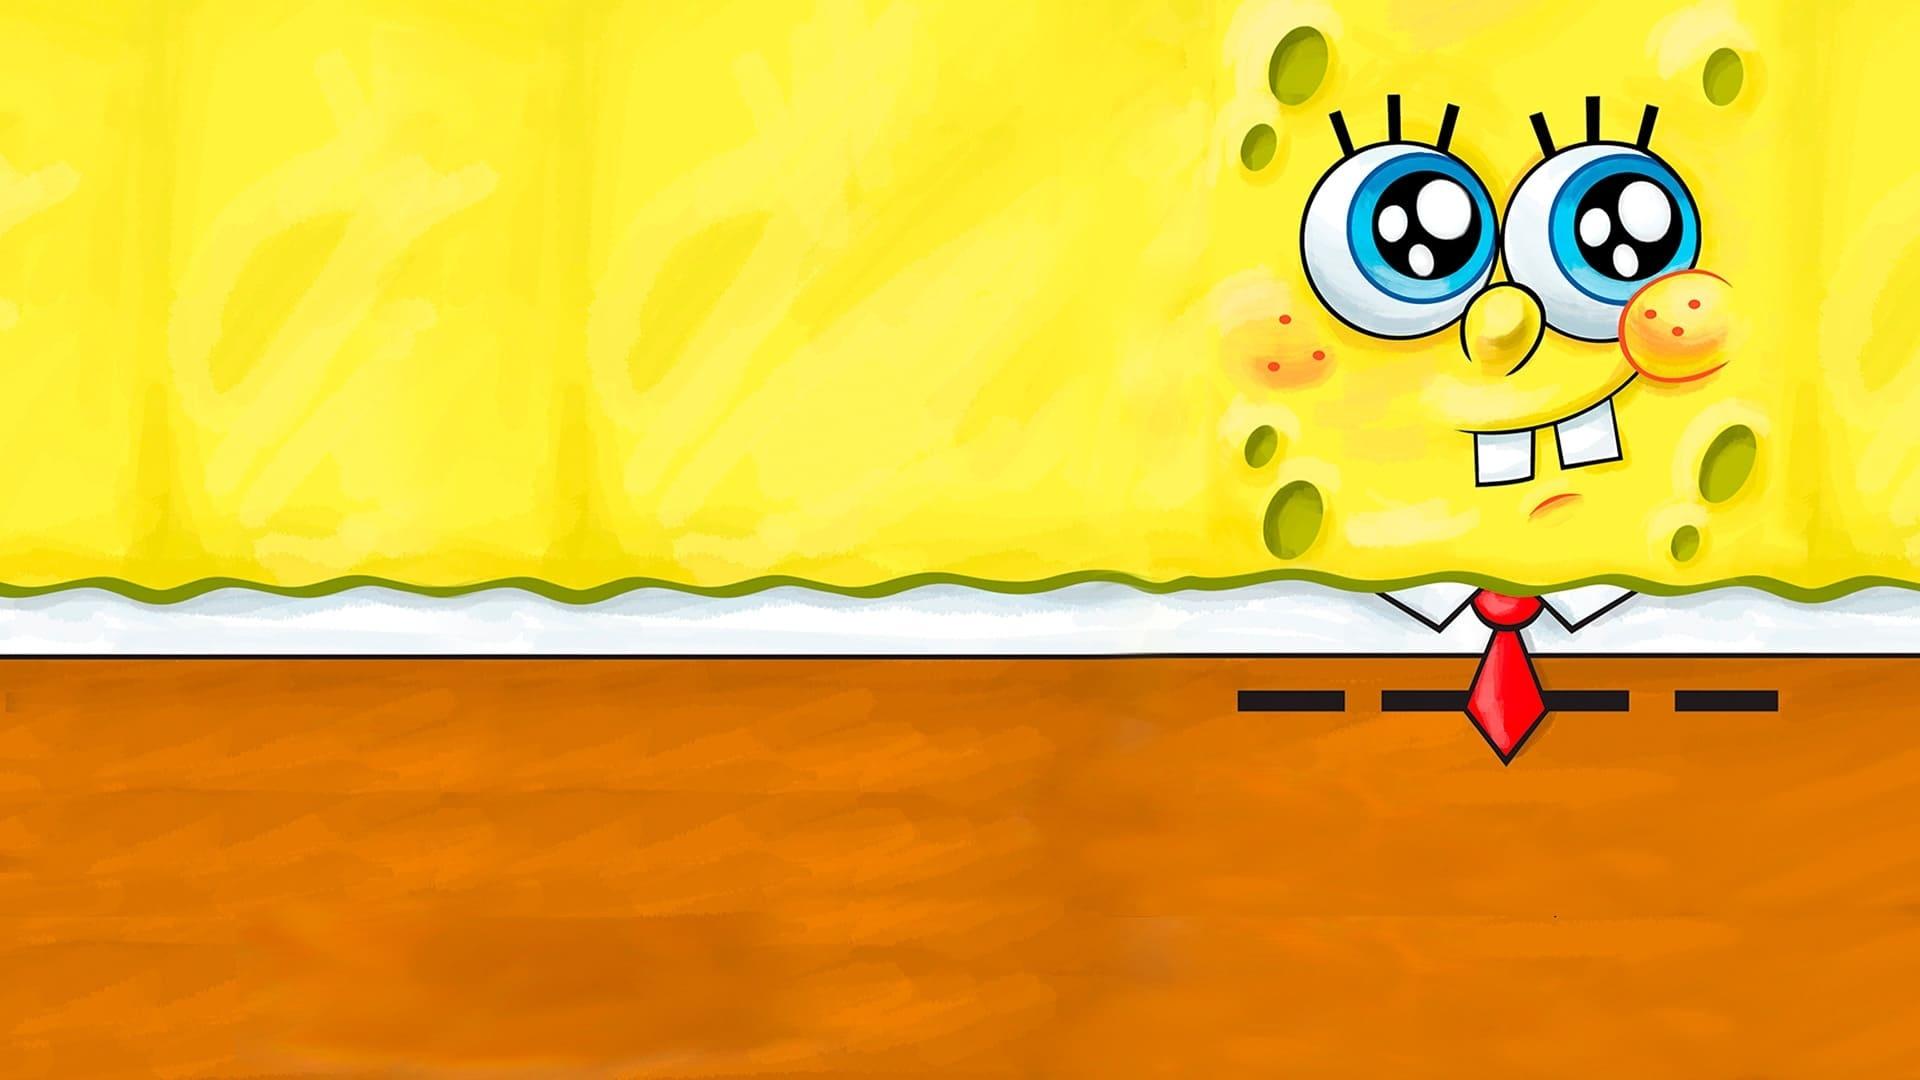 Sponge 1080p wallpaper